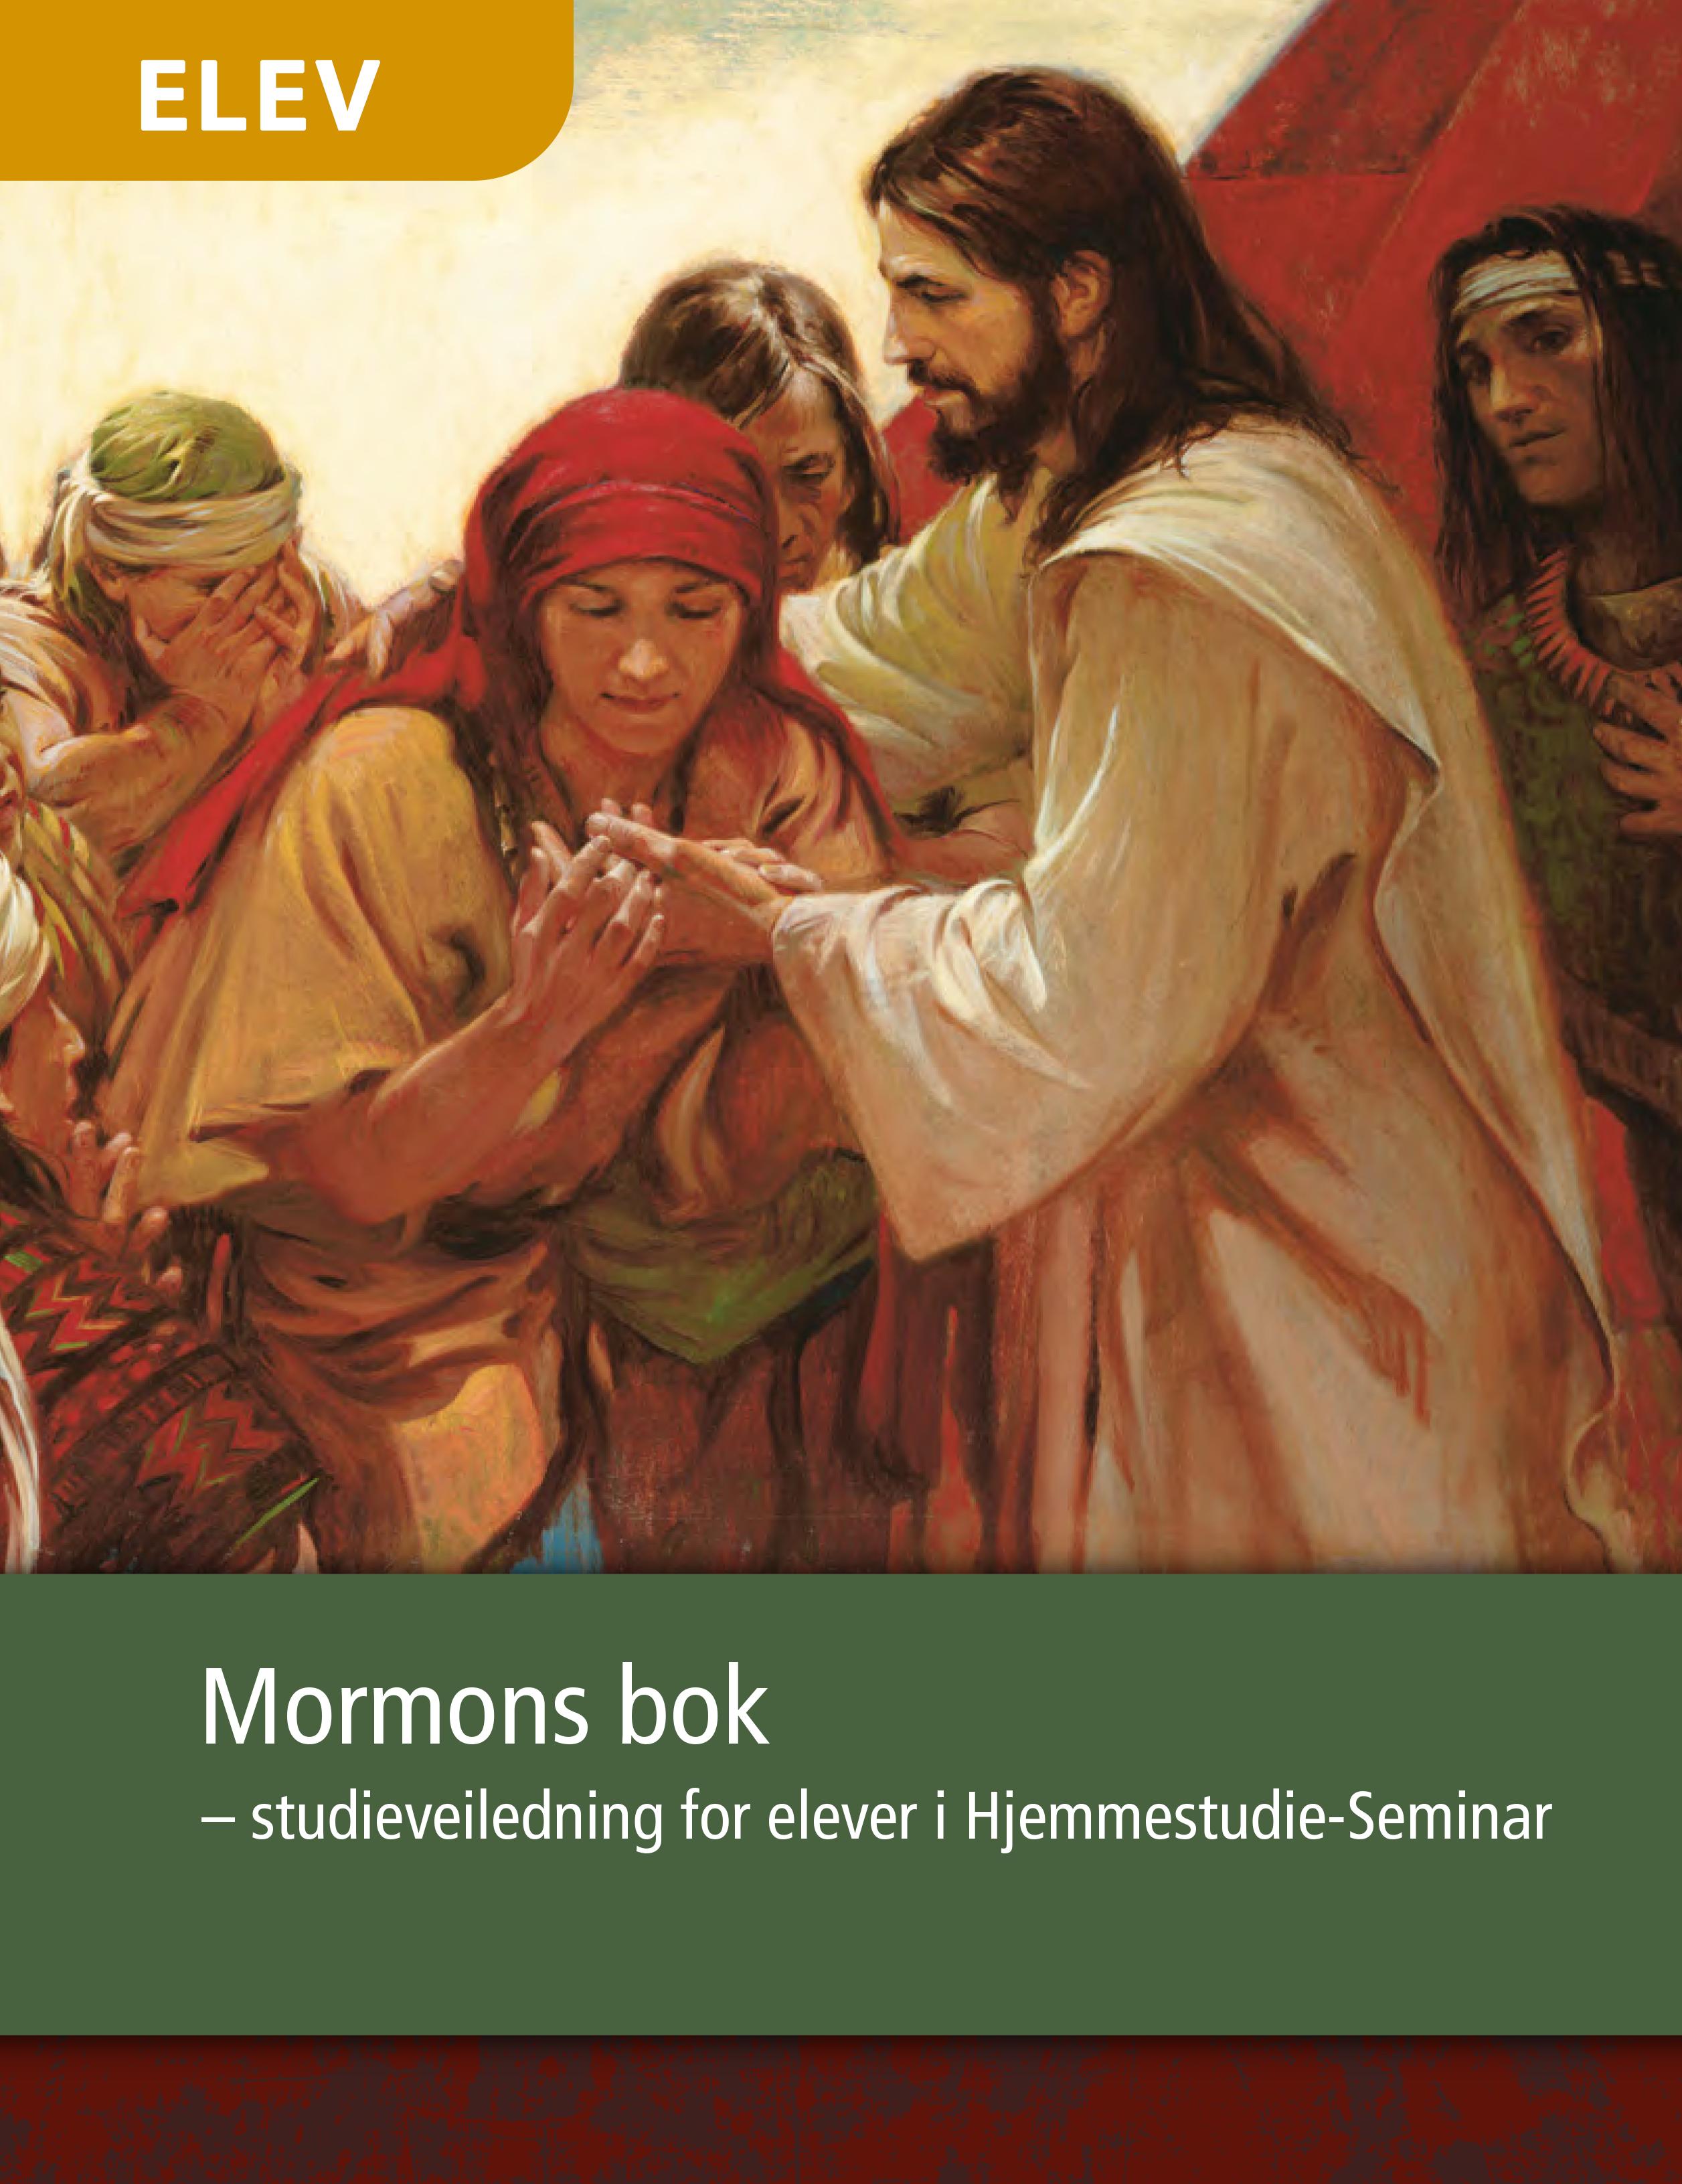 Mormons bok – studieveiledning for elever i Hjemmestudie-Seminar